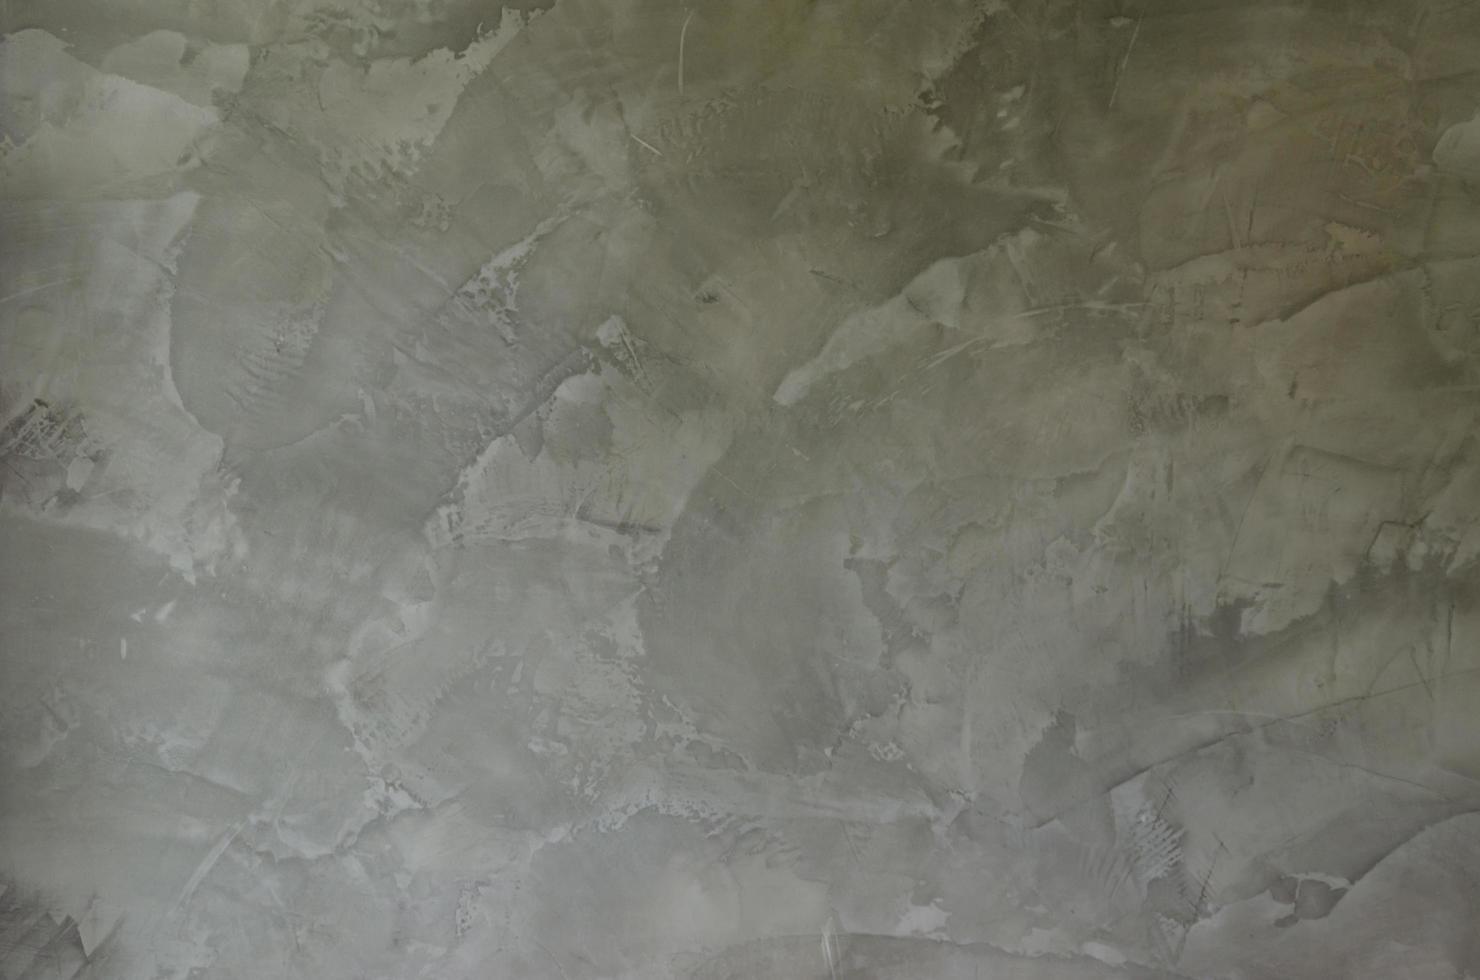 fundo de parede de cimento foto